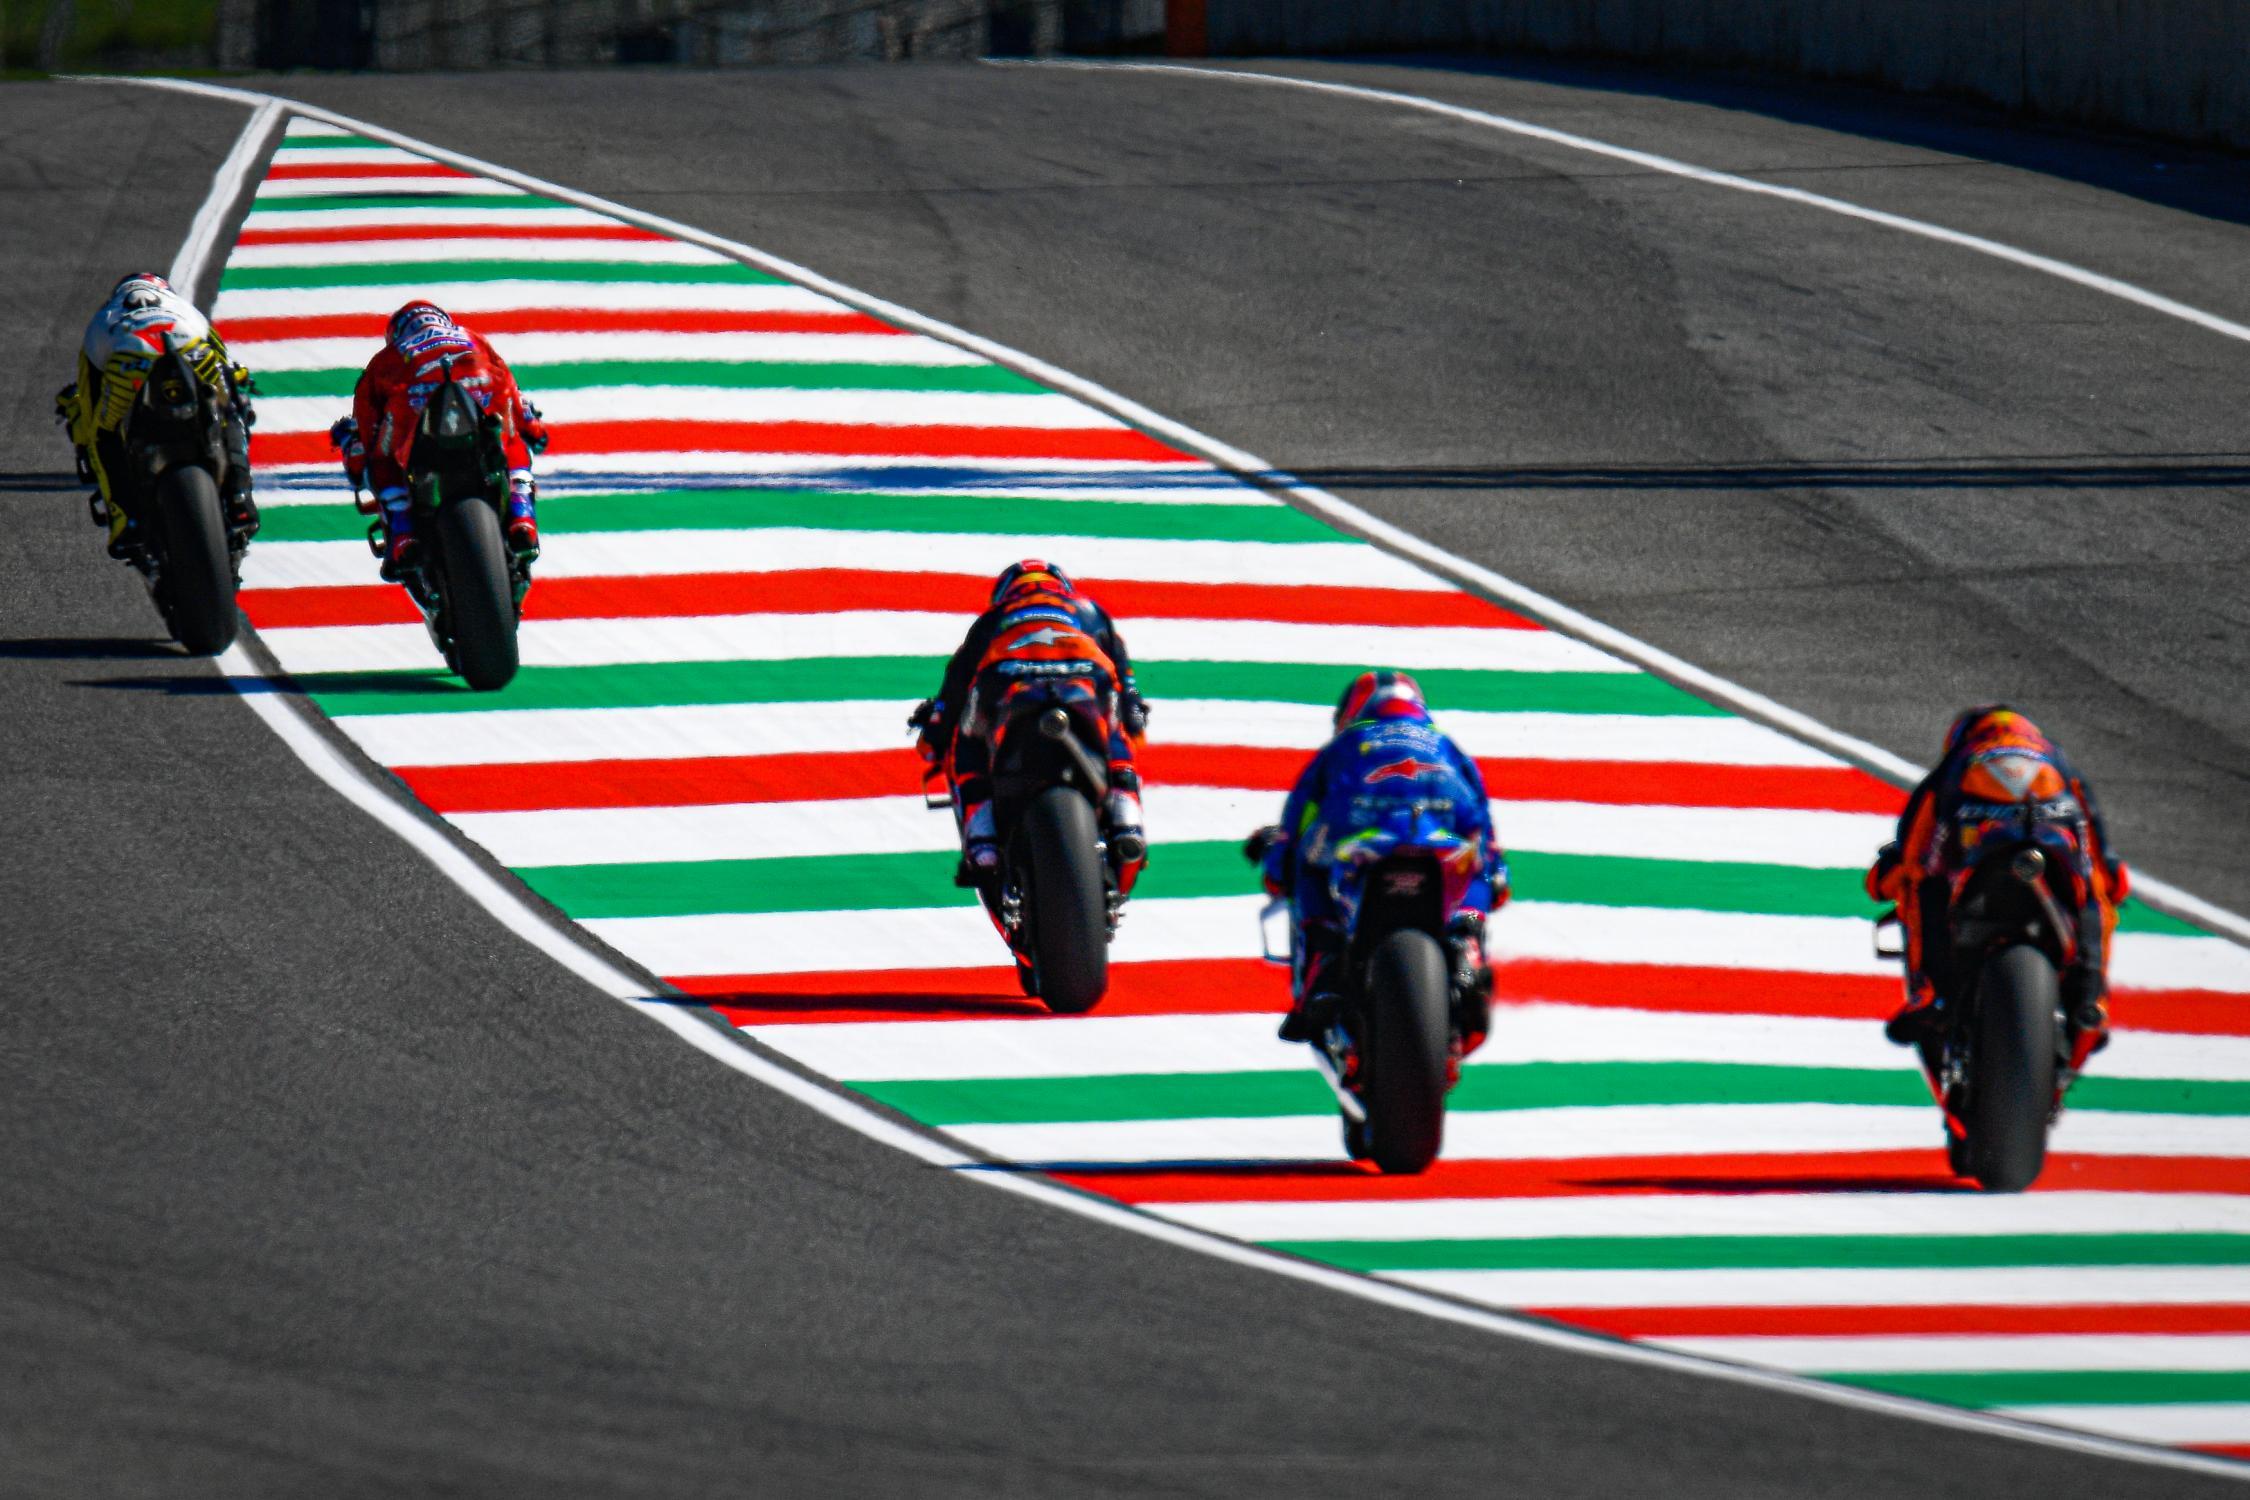 Le bar de la compétition moto ! - Page 39 _dsc7690.gallery_full_top_fullscreen